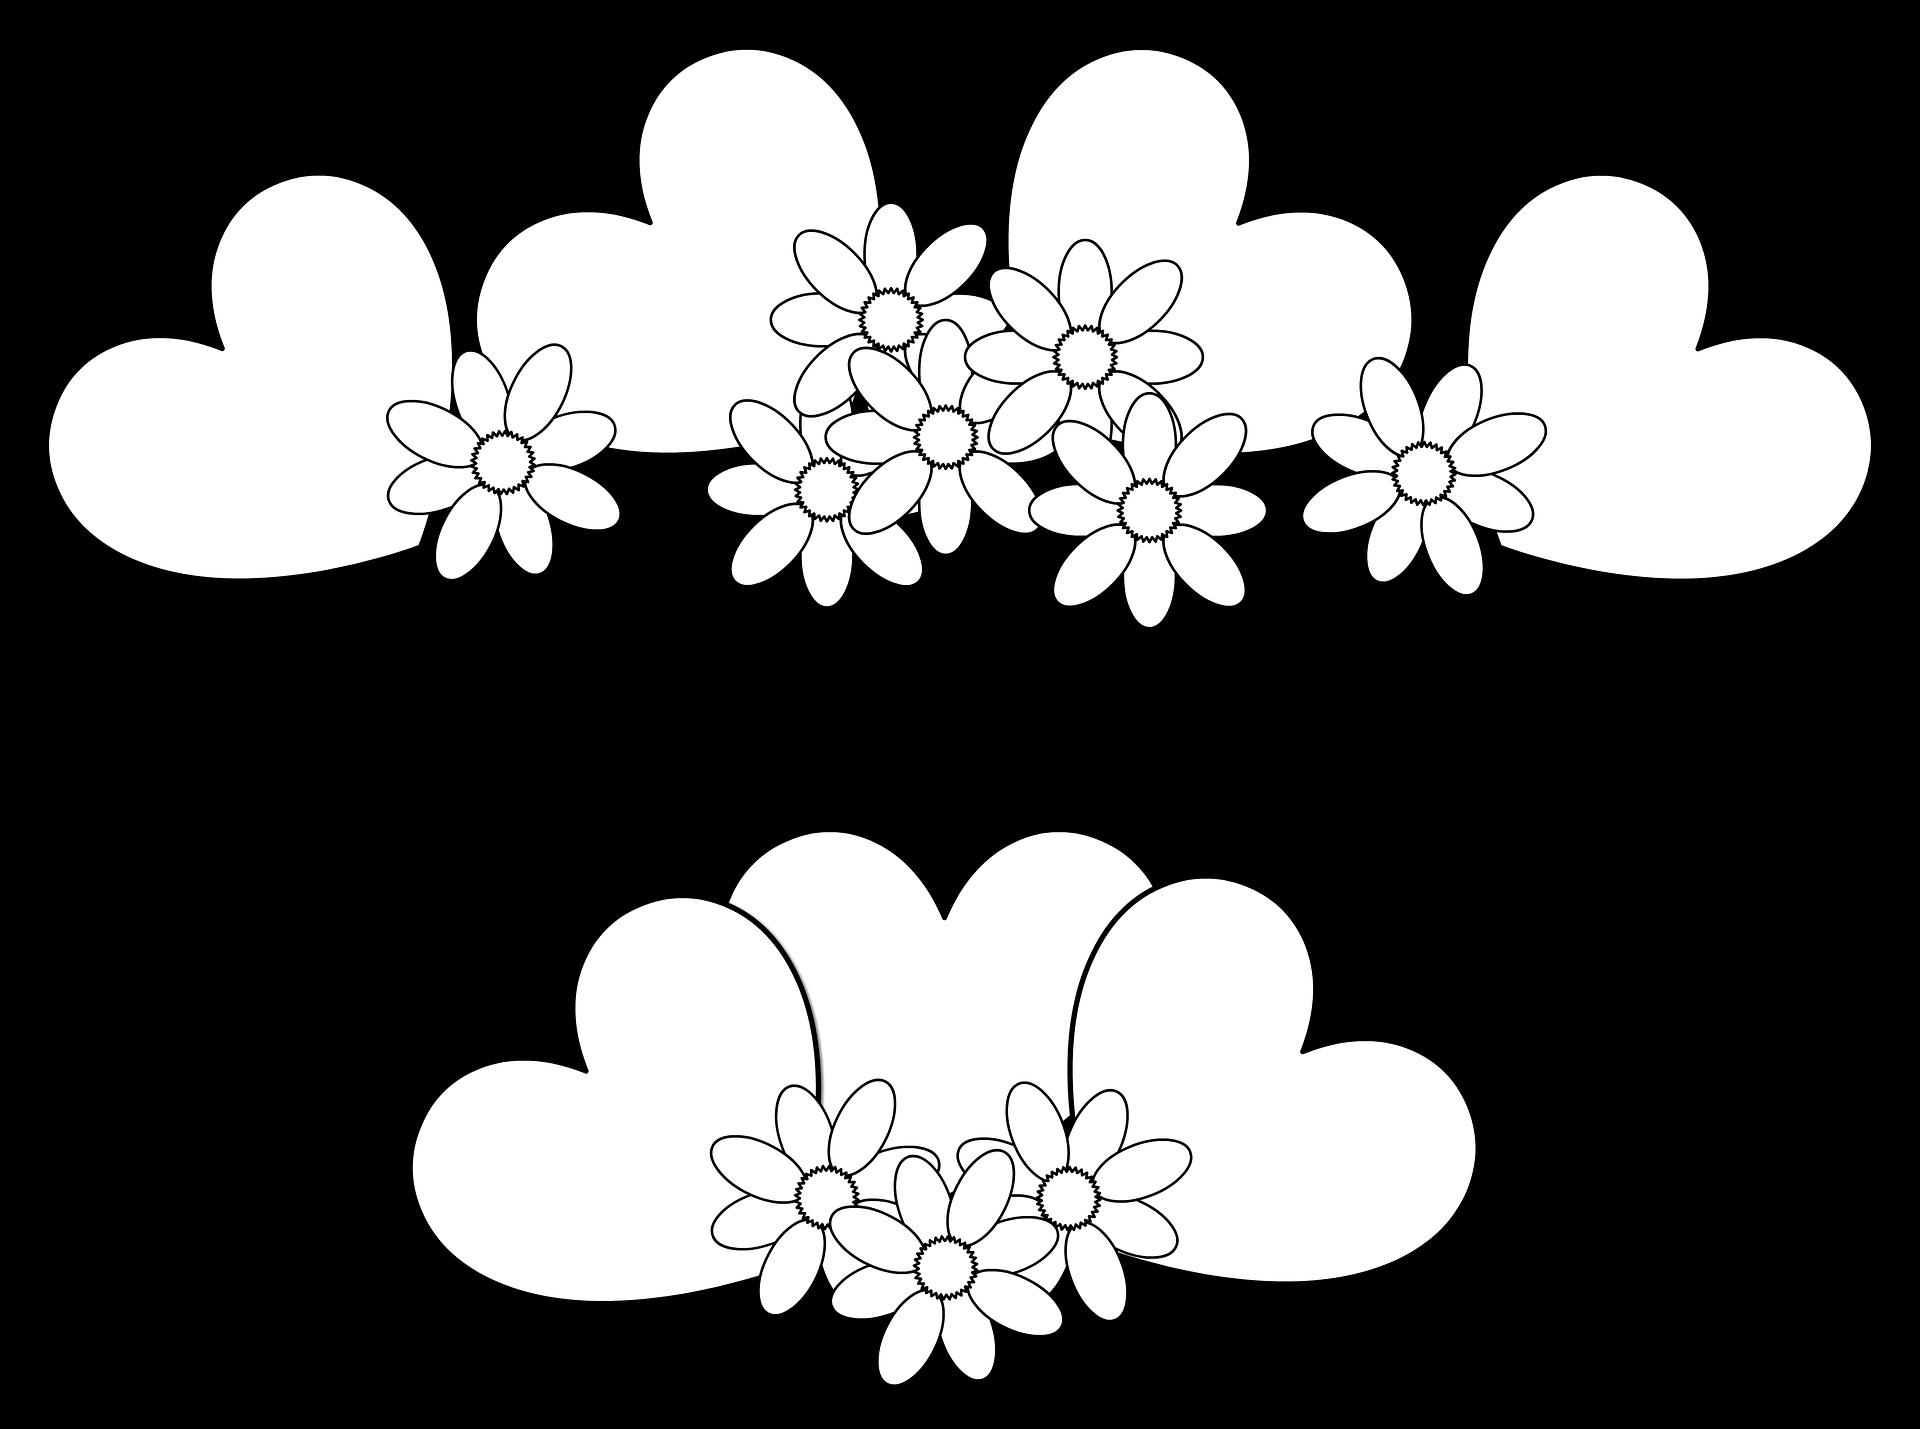 Imagenes De Flores Para Colorear Bonitas: Flor